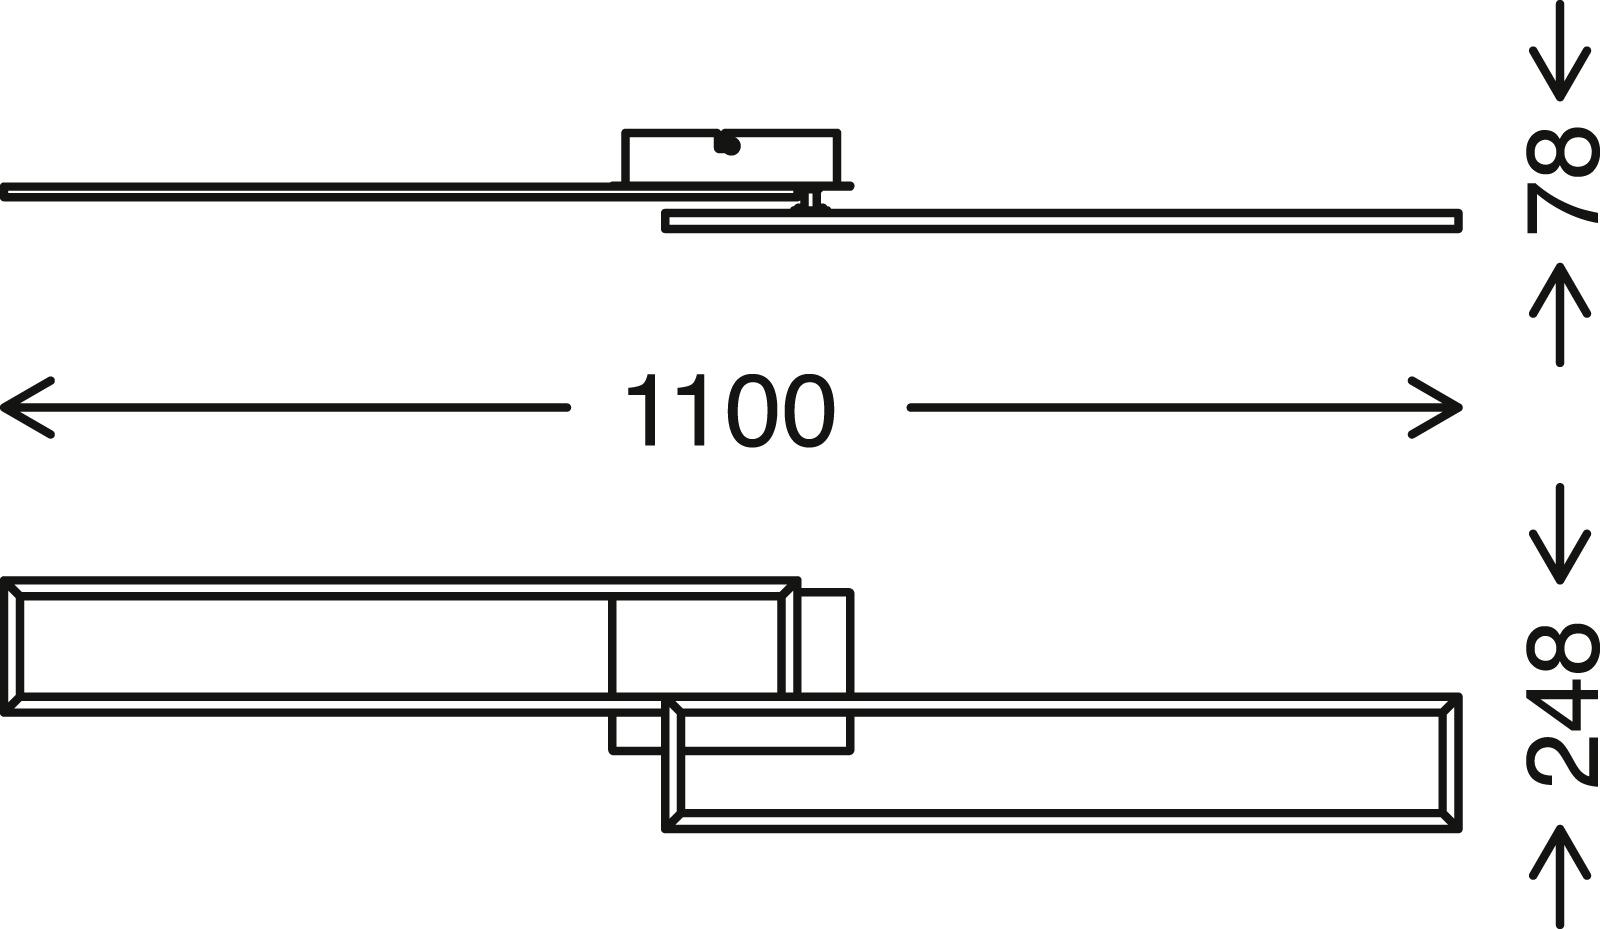 CCT LED Deckenleuchte, 110 cm, 4400 LM, 40 W, Schwarz